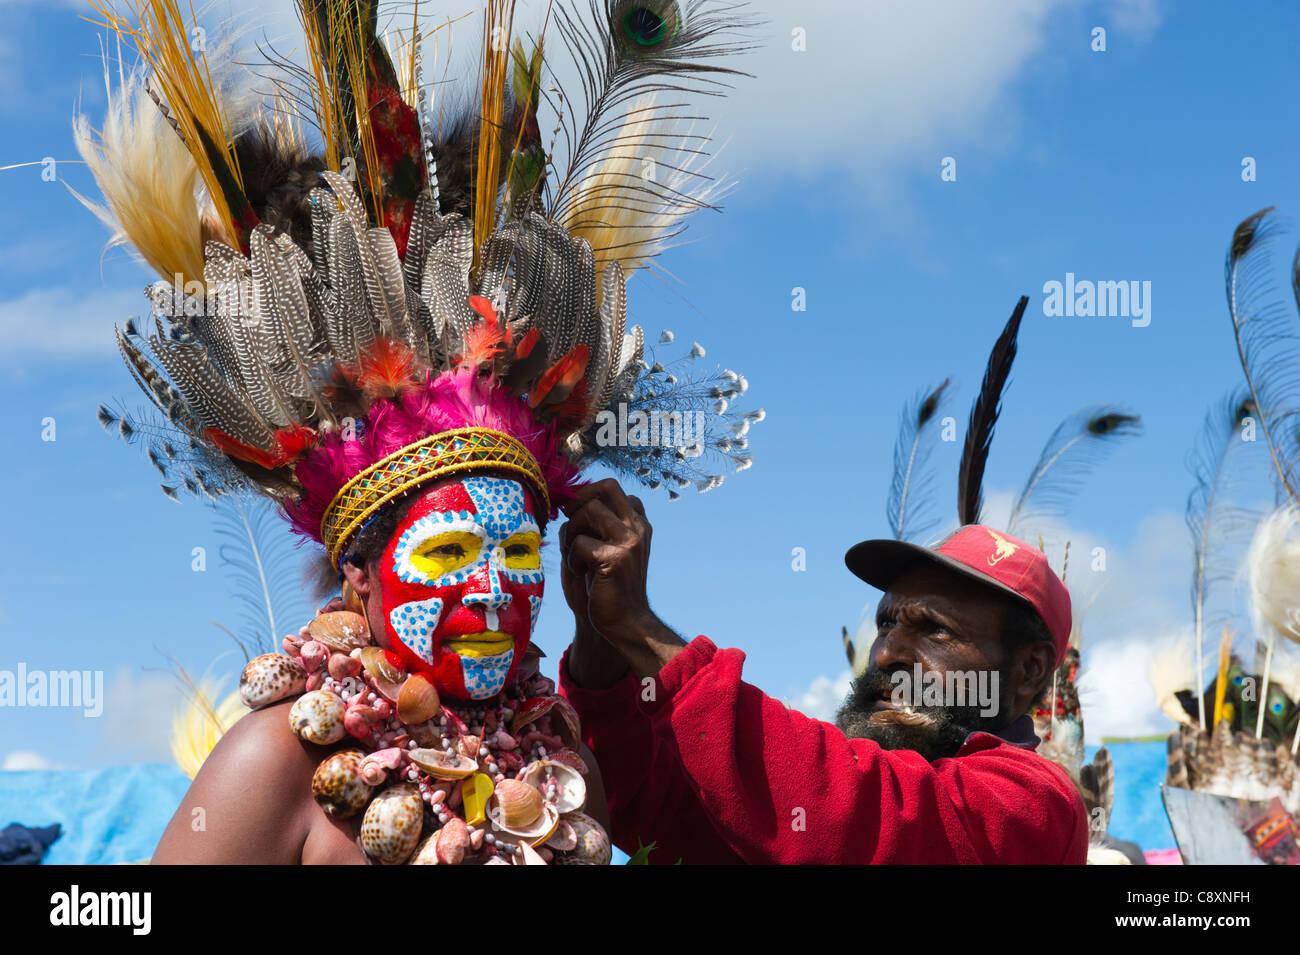 Gli artisti interpreti o esecutori tribali a Mt Hagen Visualizza in Papua Nuova Guinea indossando uccello del paradiso Immagini Stock